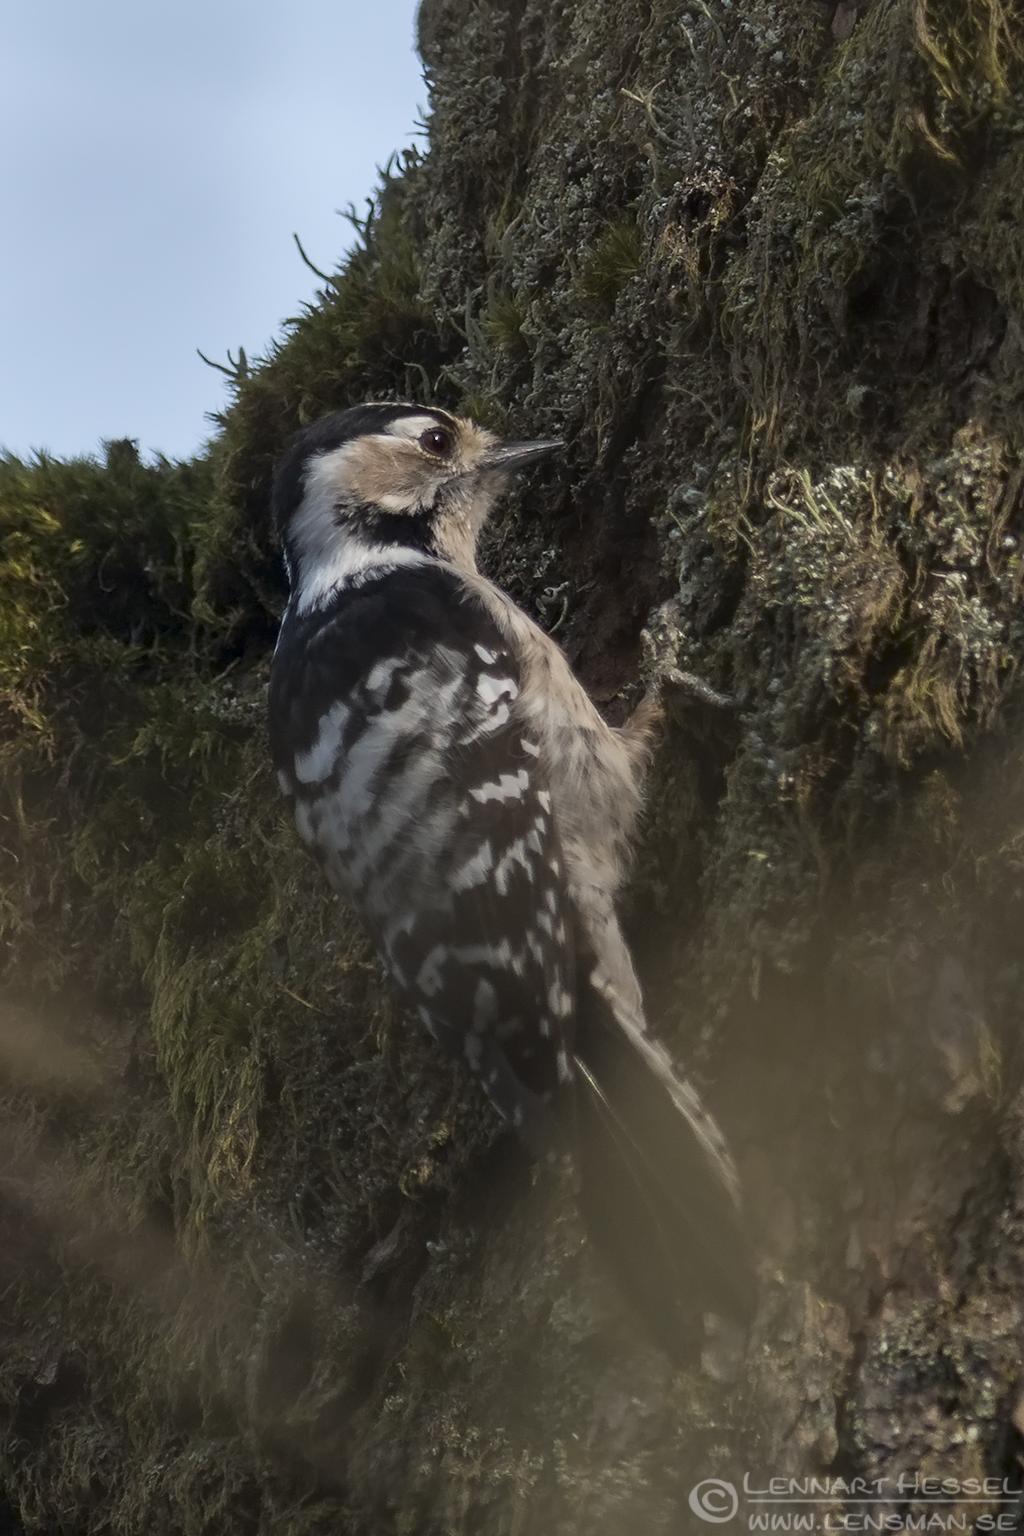 Lesser Spotted Woodpecker Säveån